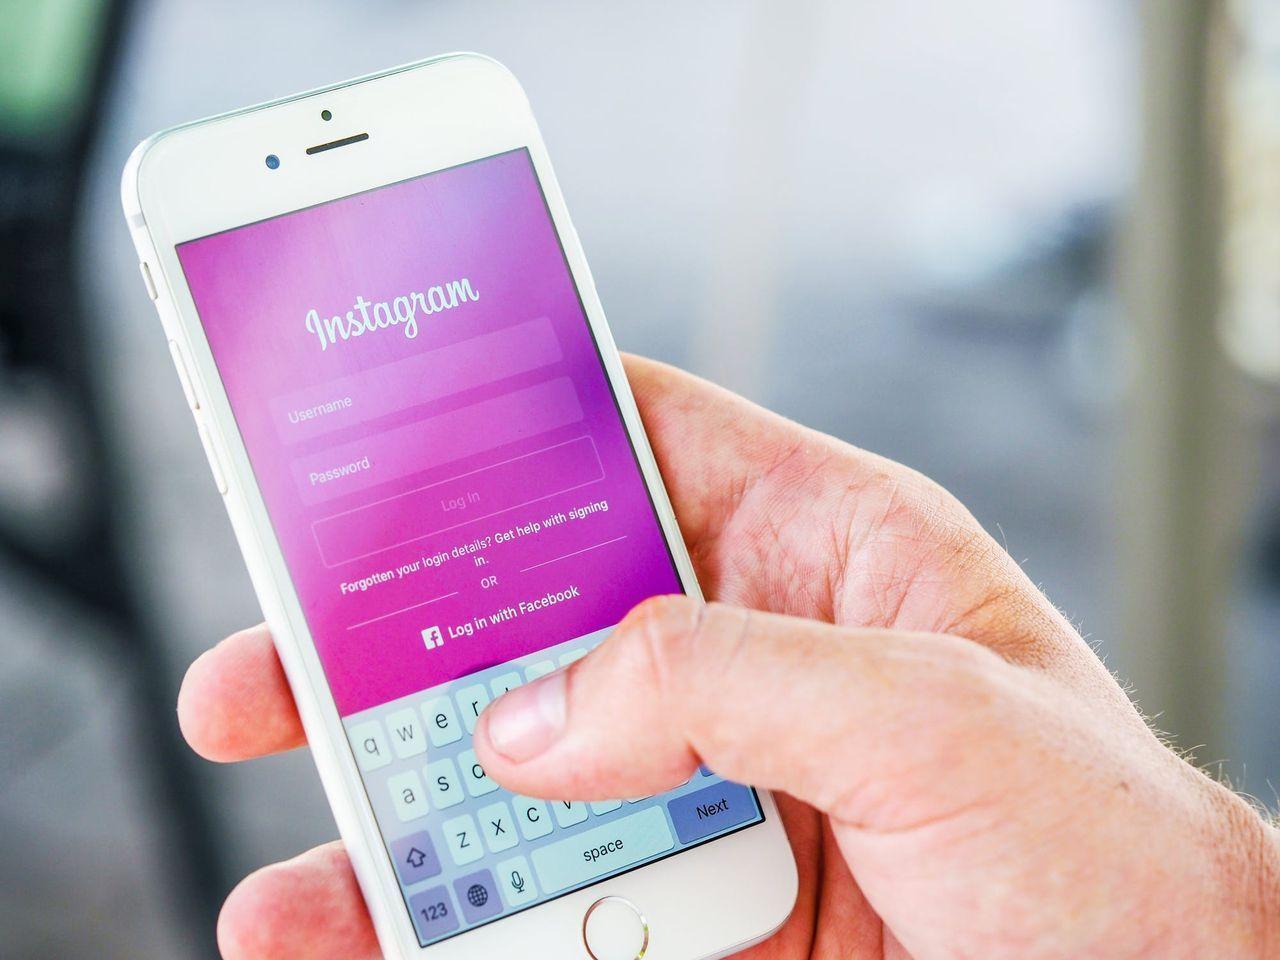 Instagram börjar testa försvinnande meddelanden